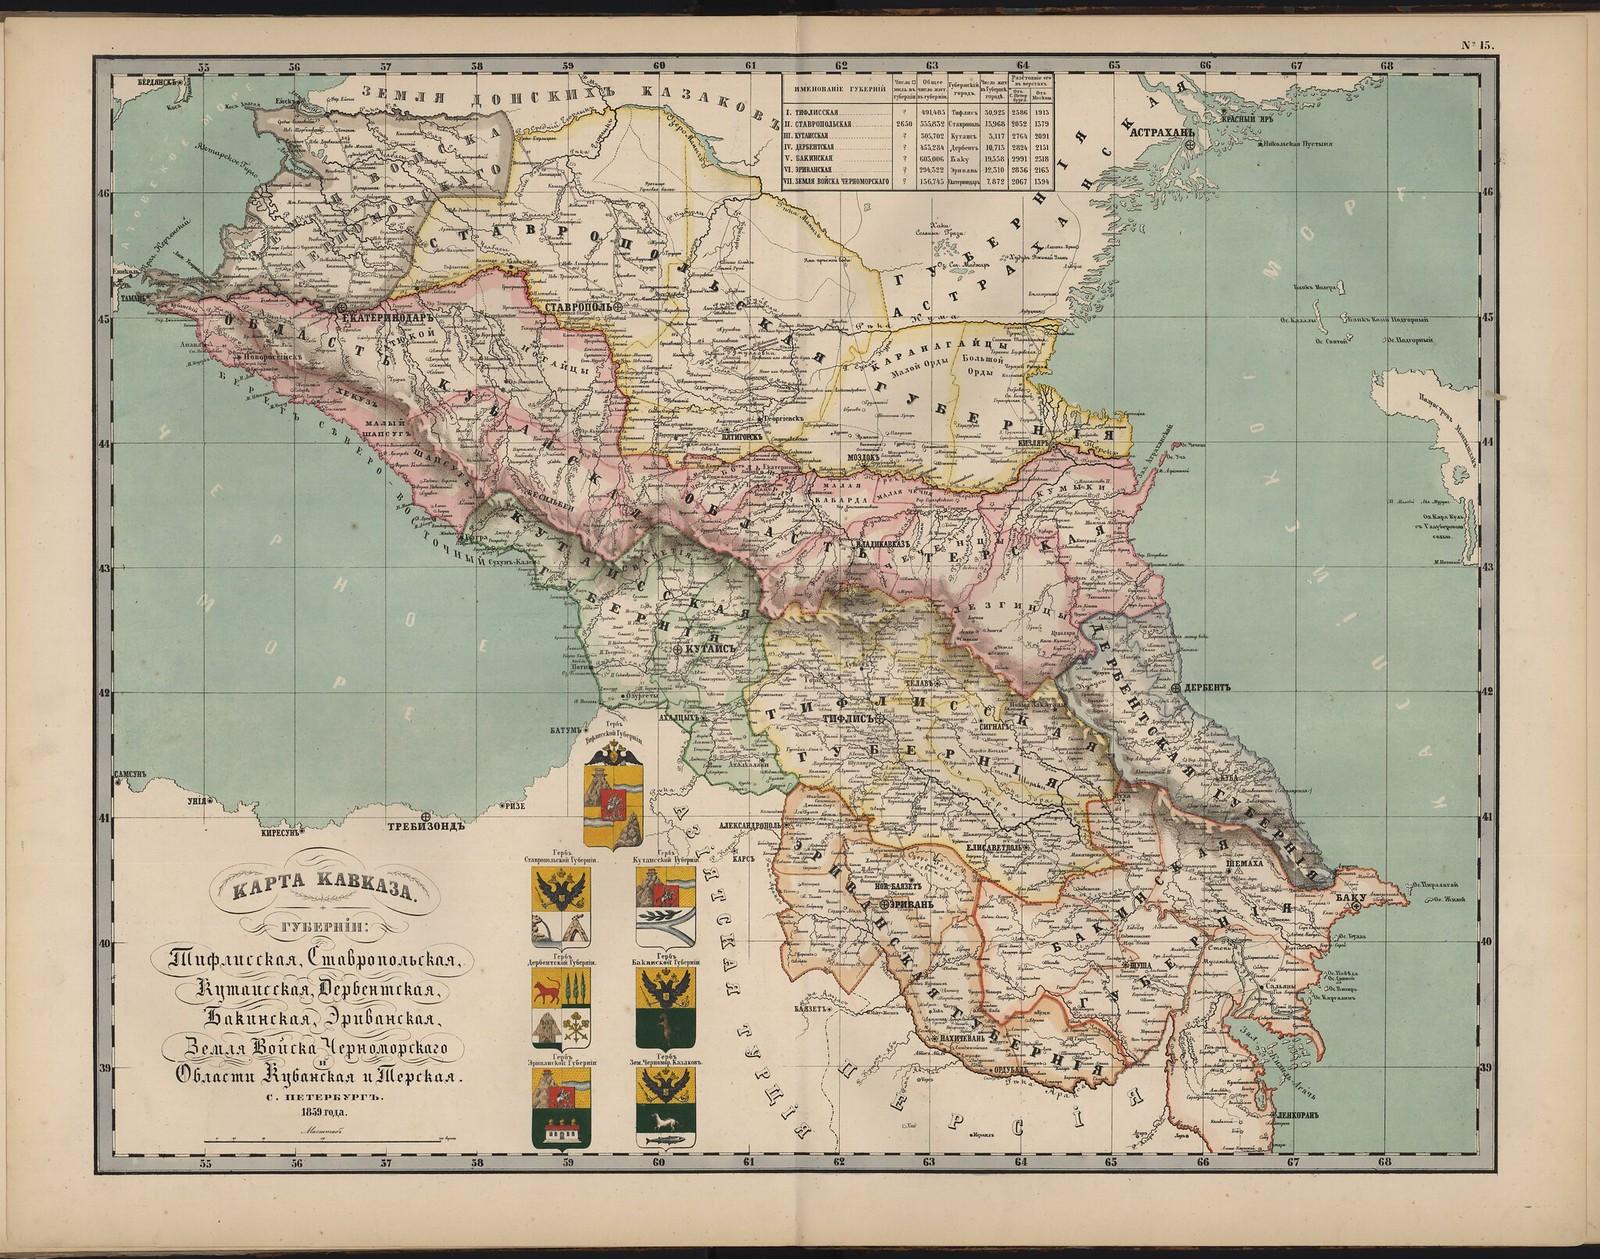 15. Карта Кавказа.